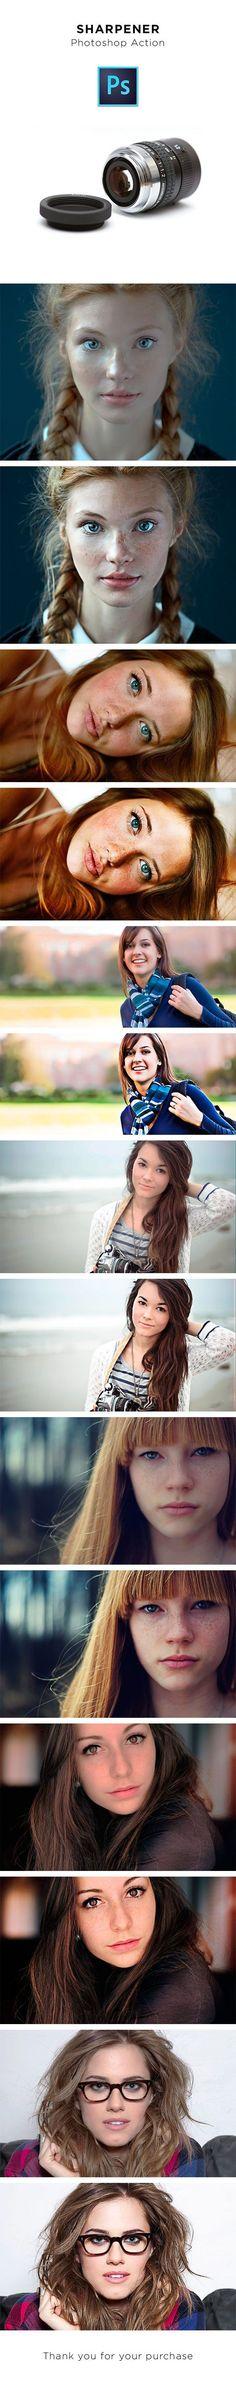 Sharpener Photoshop Action